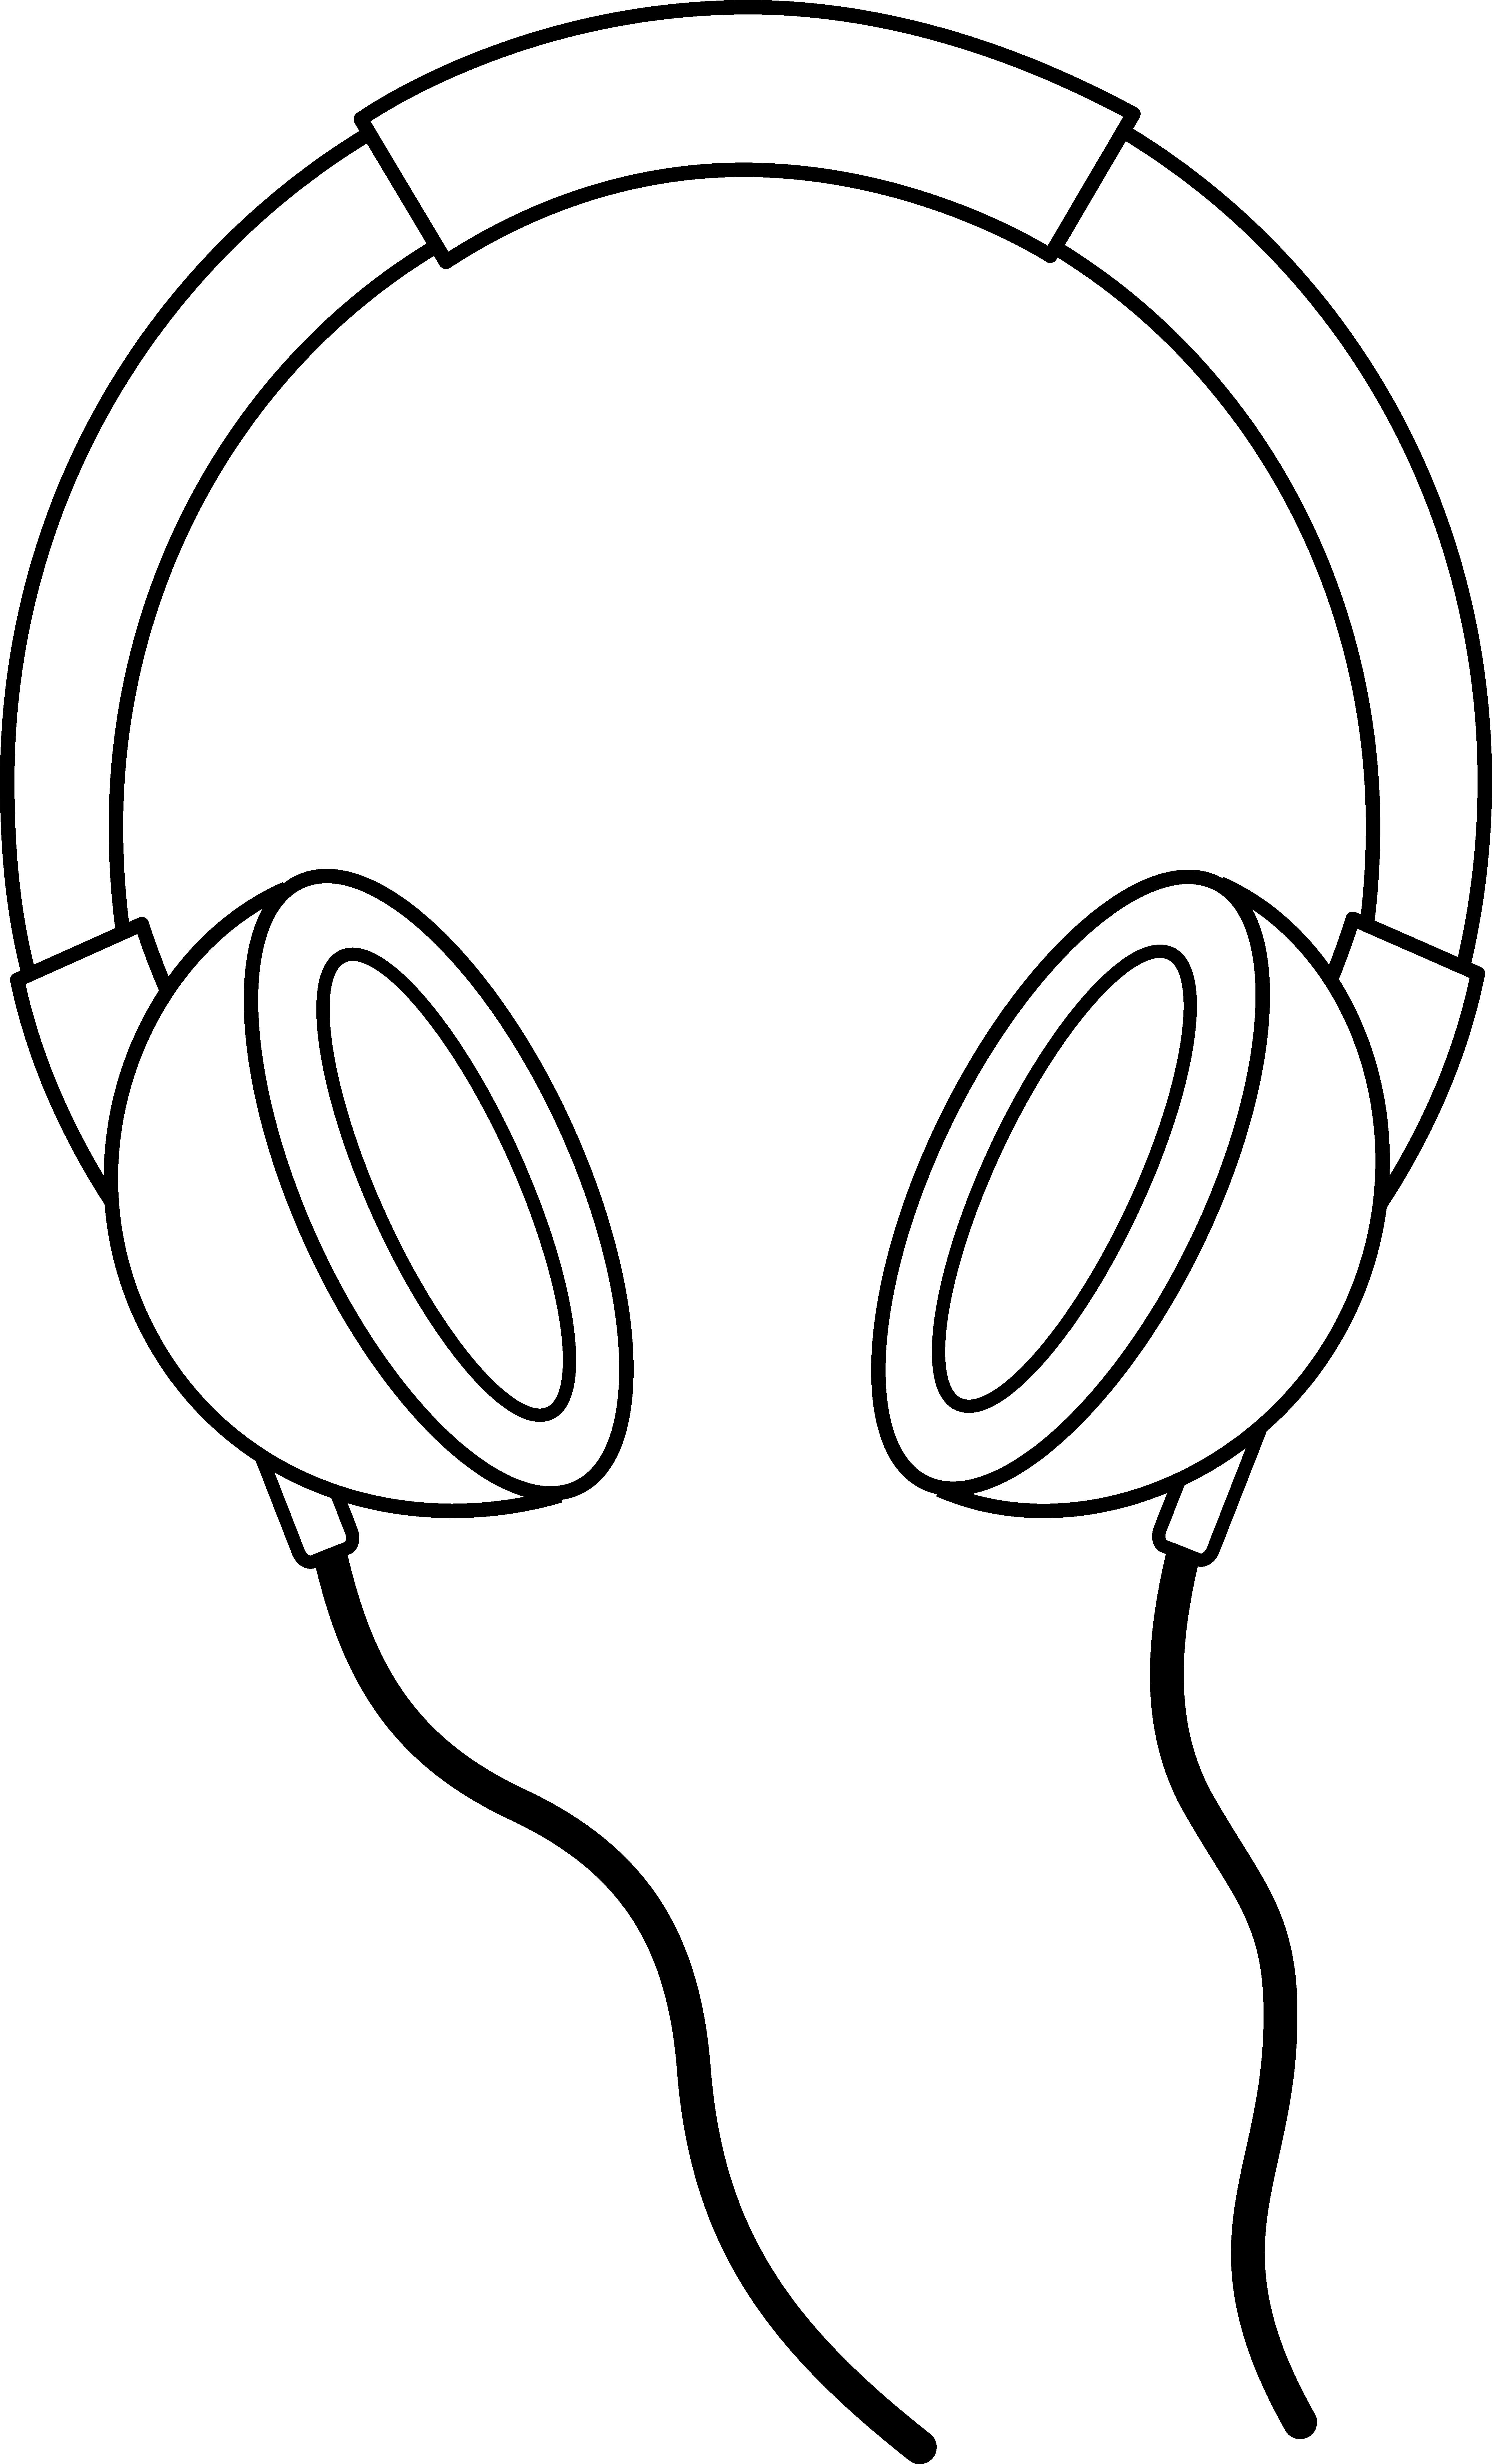 5159x8522 Listening Ear Clipart Clip Art Of A Strong Ear Mascot Cartoon